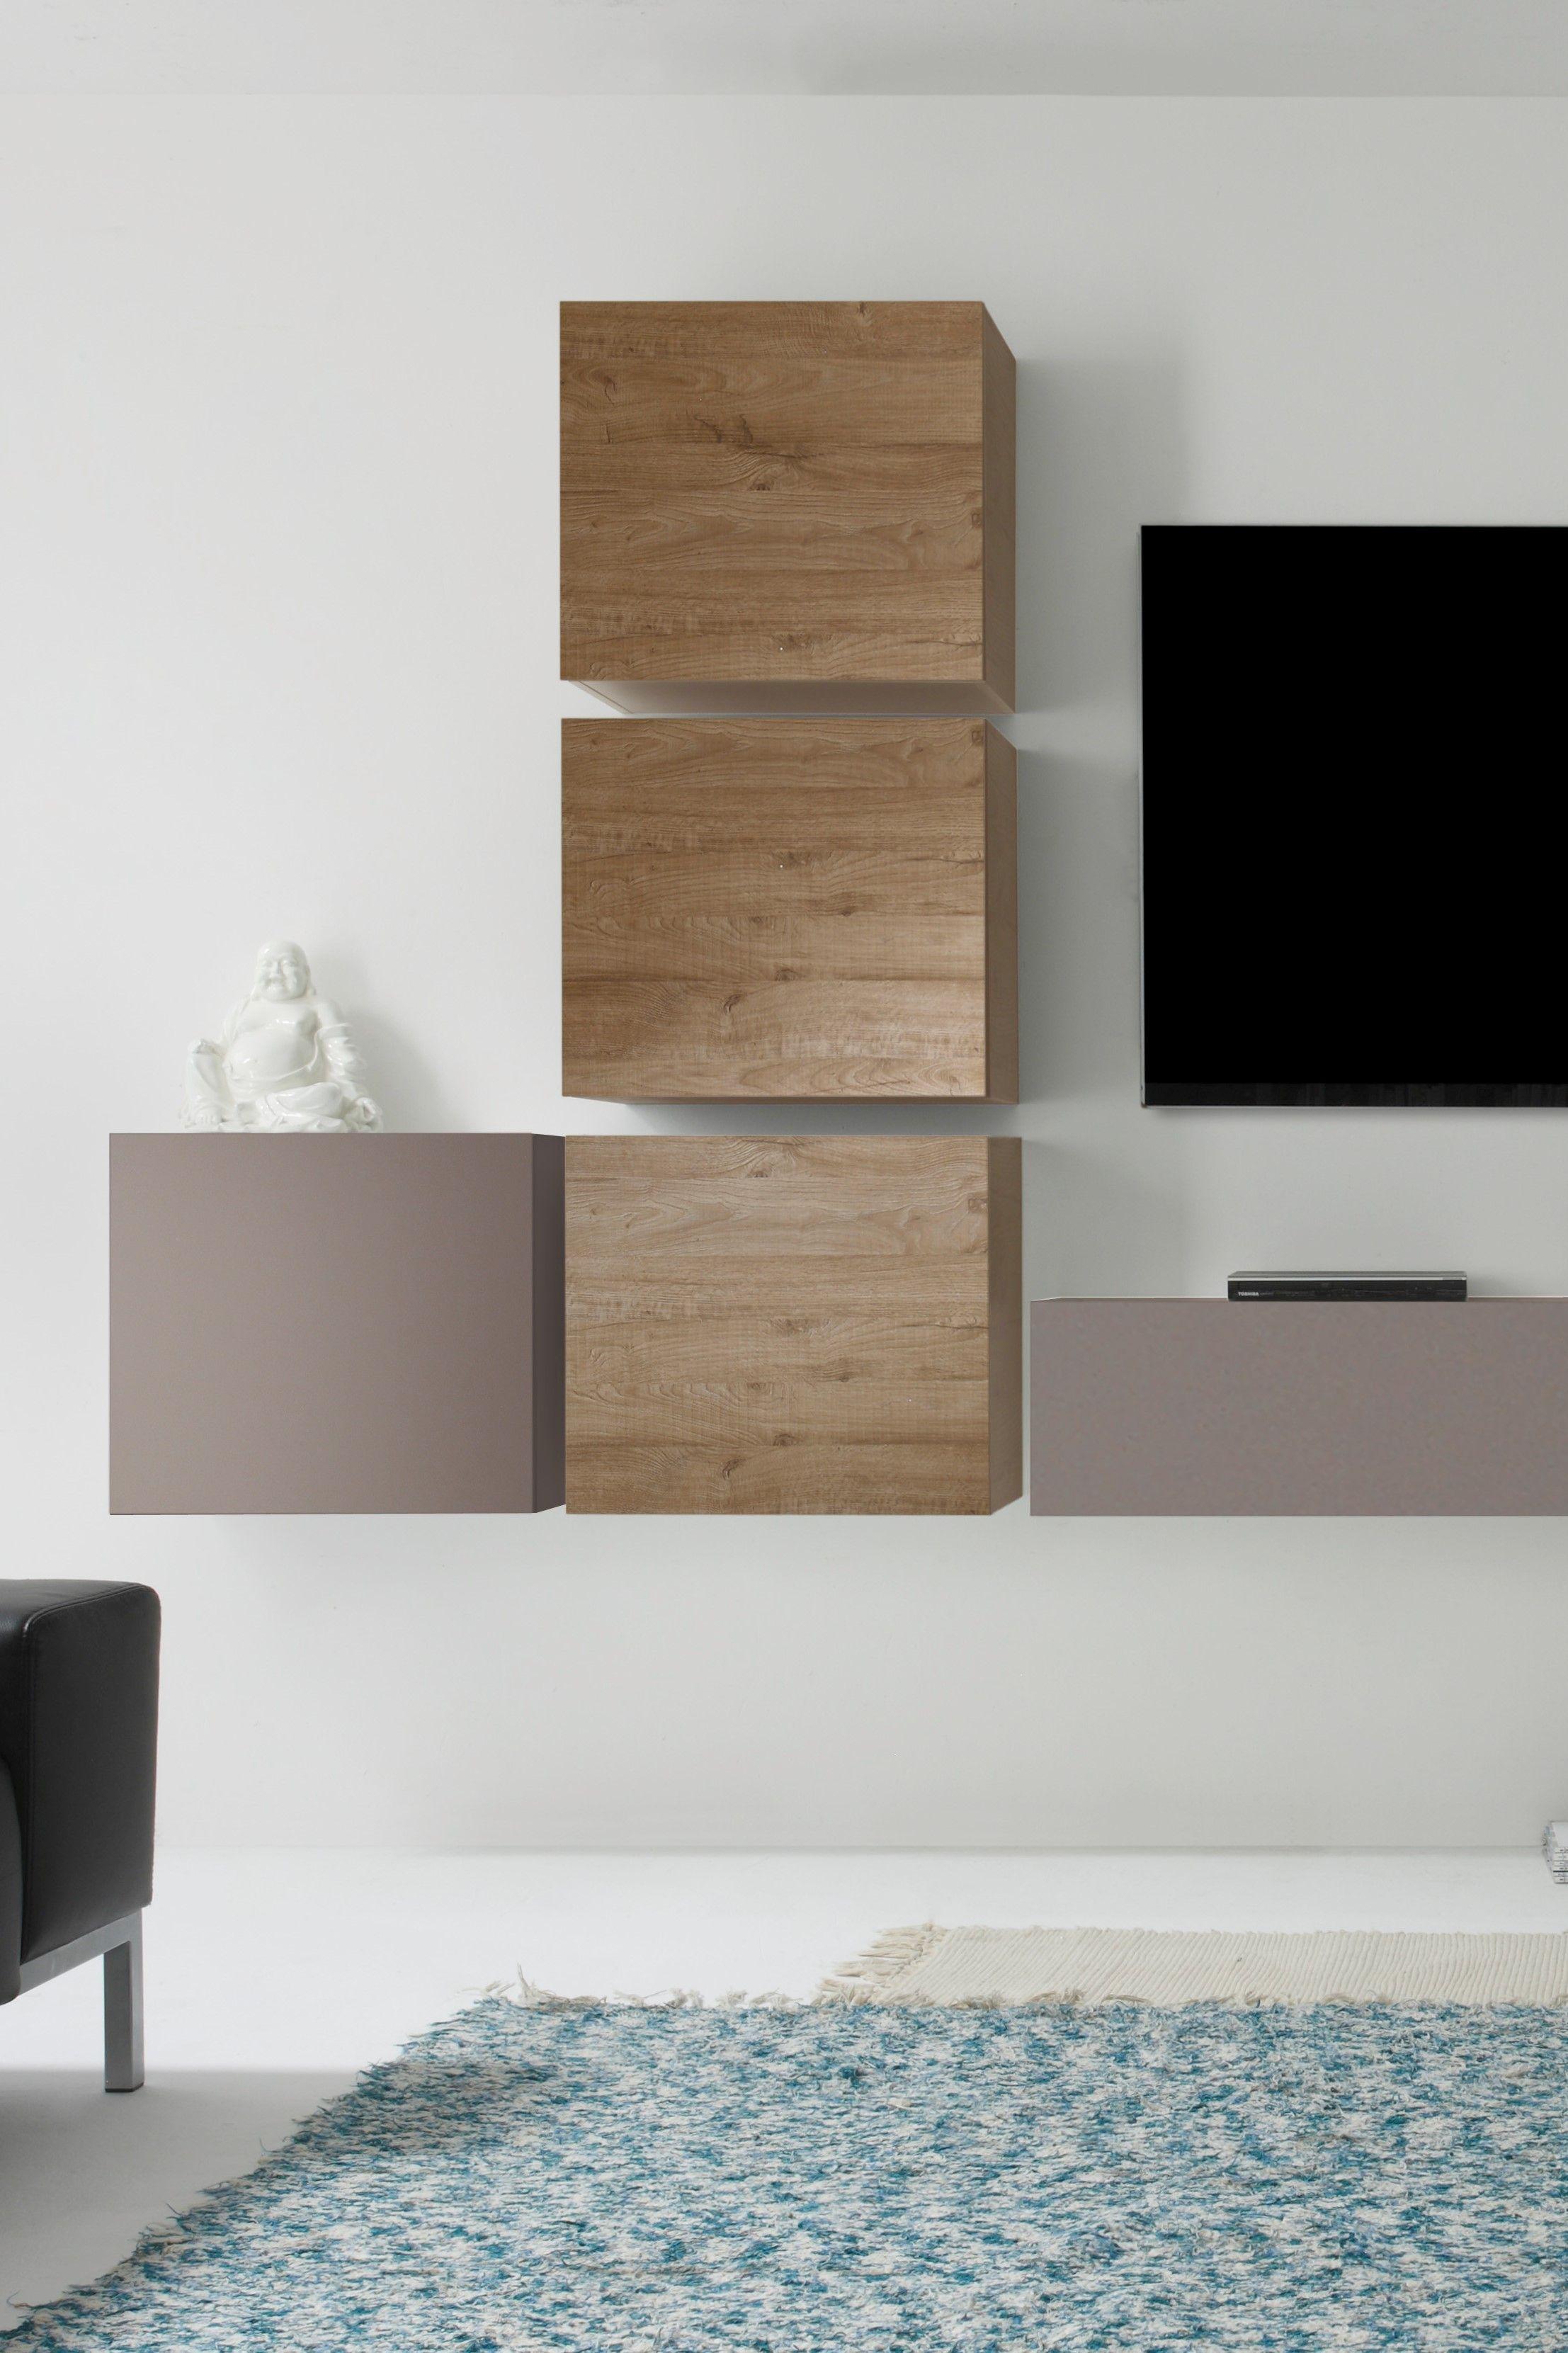 wohnwand como vii wohnaura mobel design einrichten idee inneneinrichtung interior interiordesign interiors moderne raumgestaltung wohnambiente